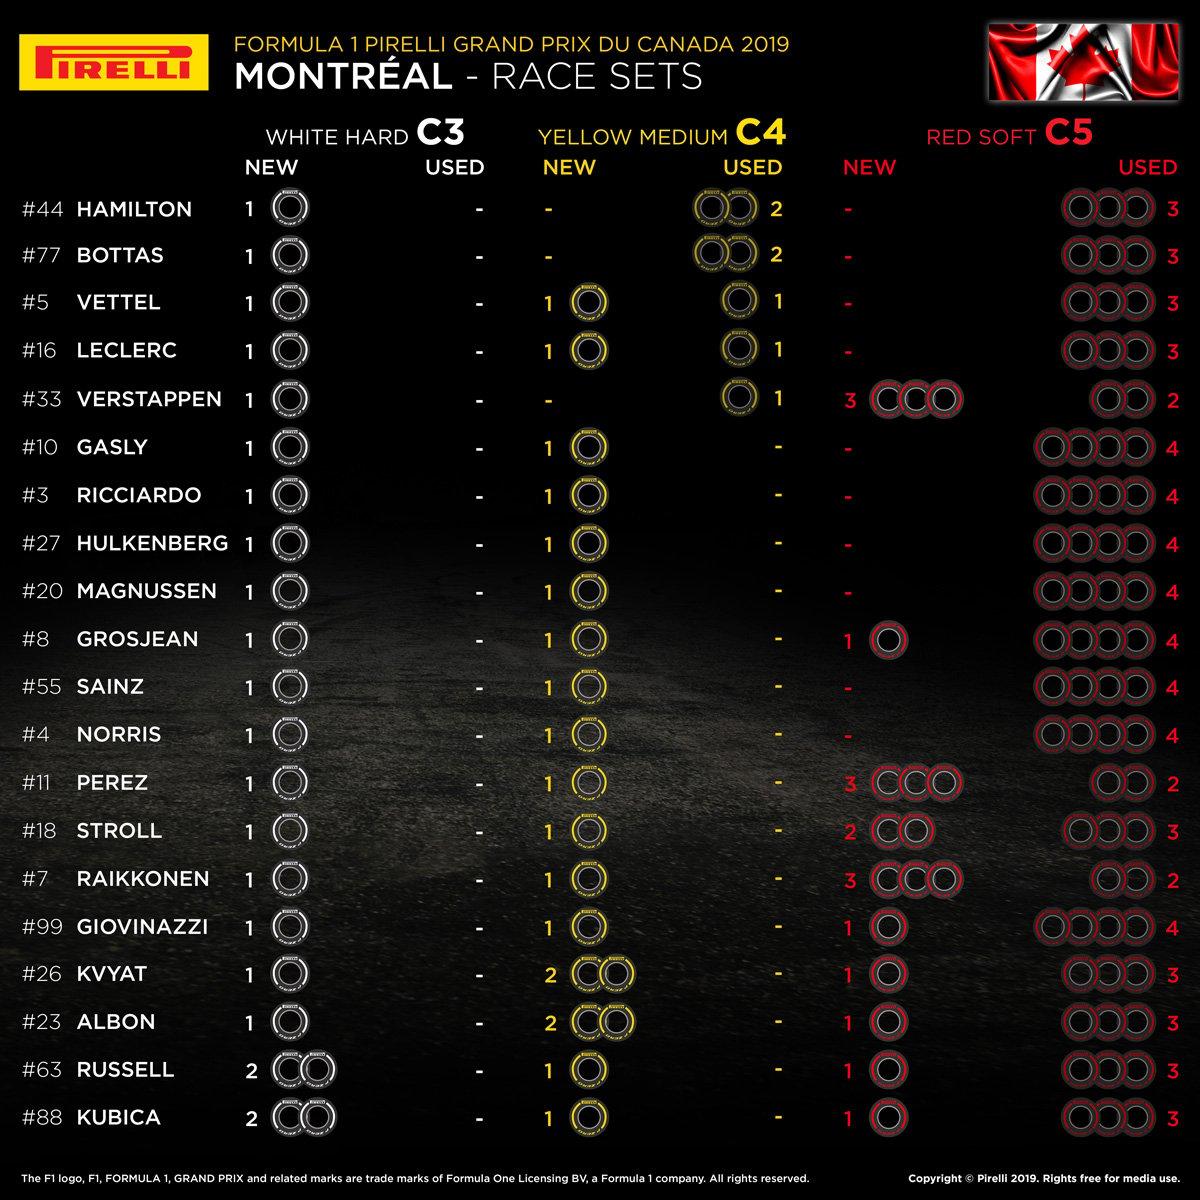 F1カナダGP 決勝 各ドライバーの持ちタイヤ数